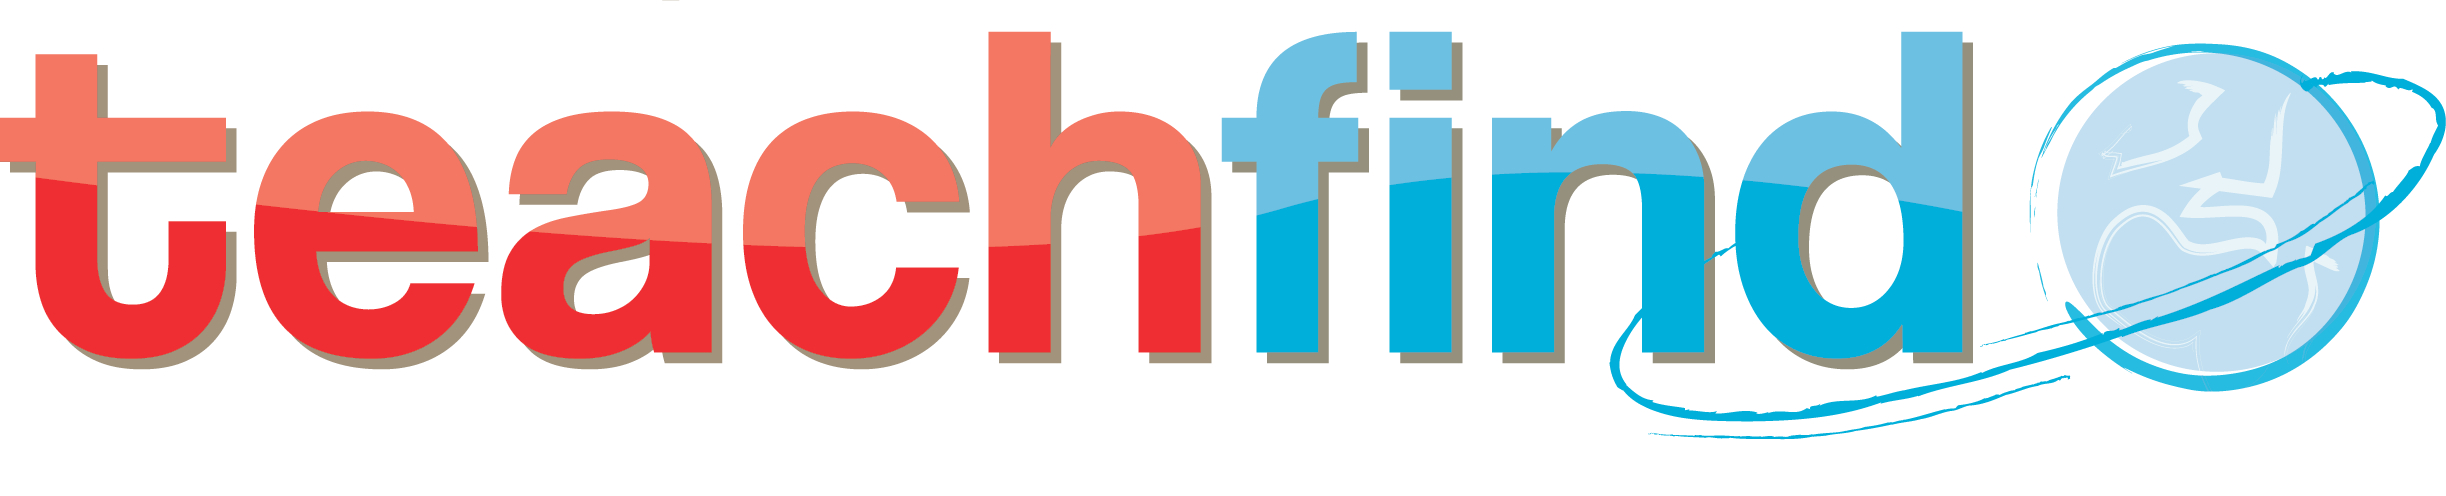 Teachfind logo